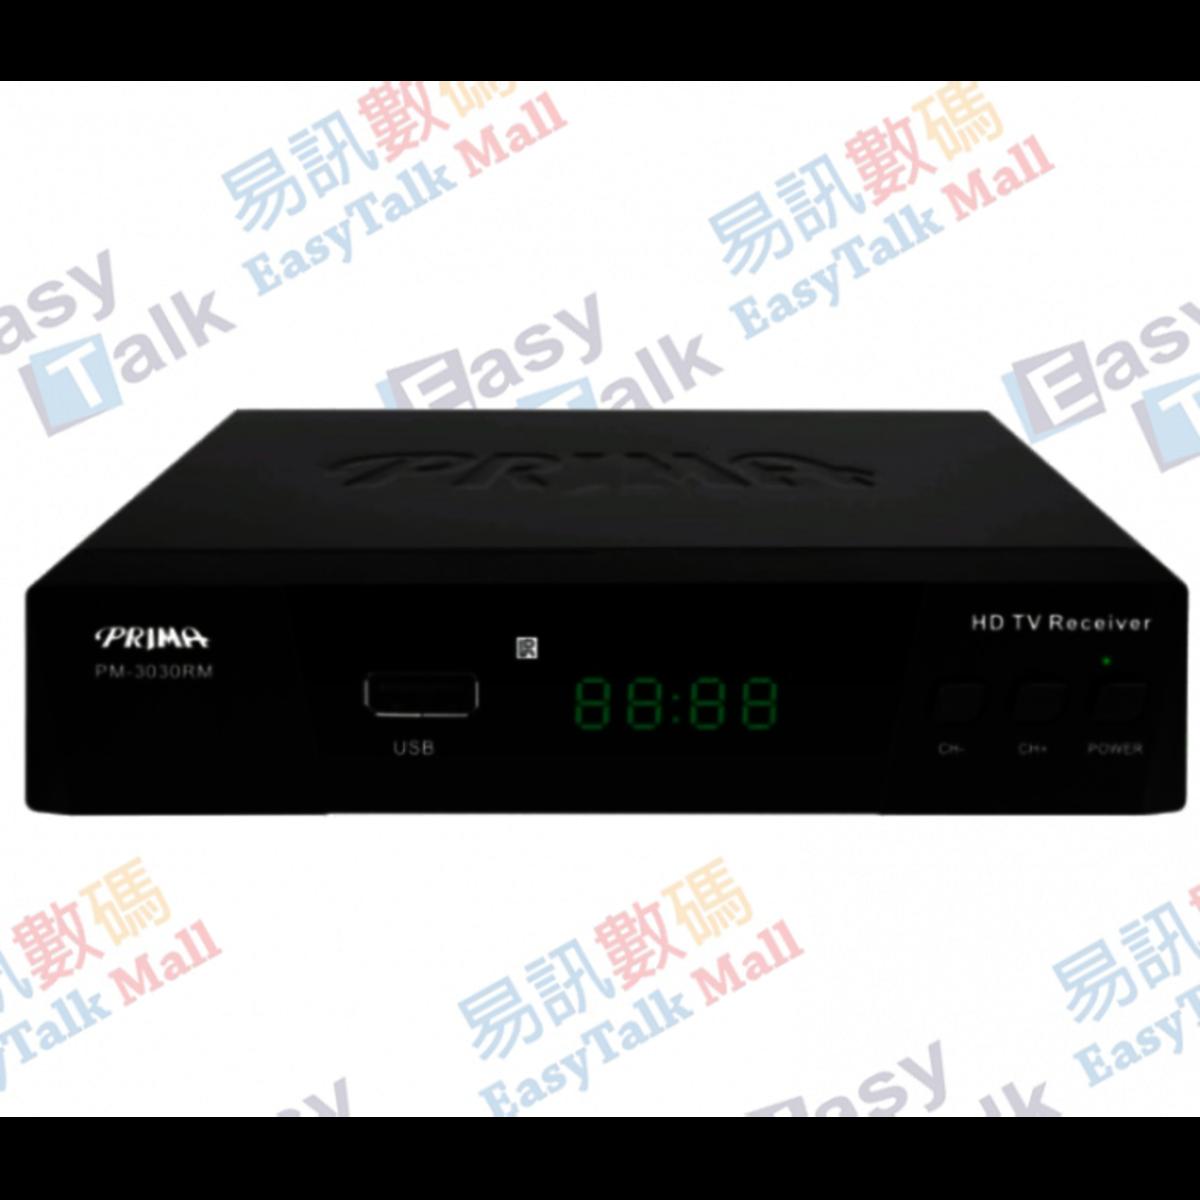 PM-3030RM 全高清數碼機頂盒